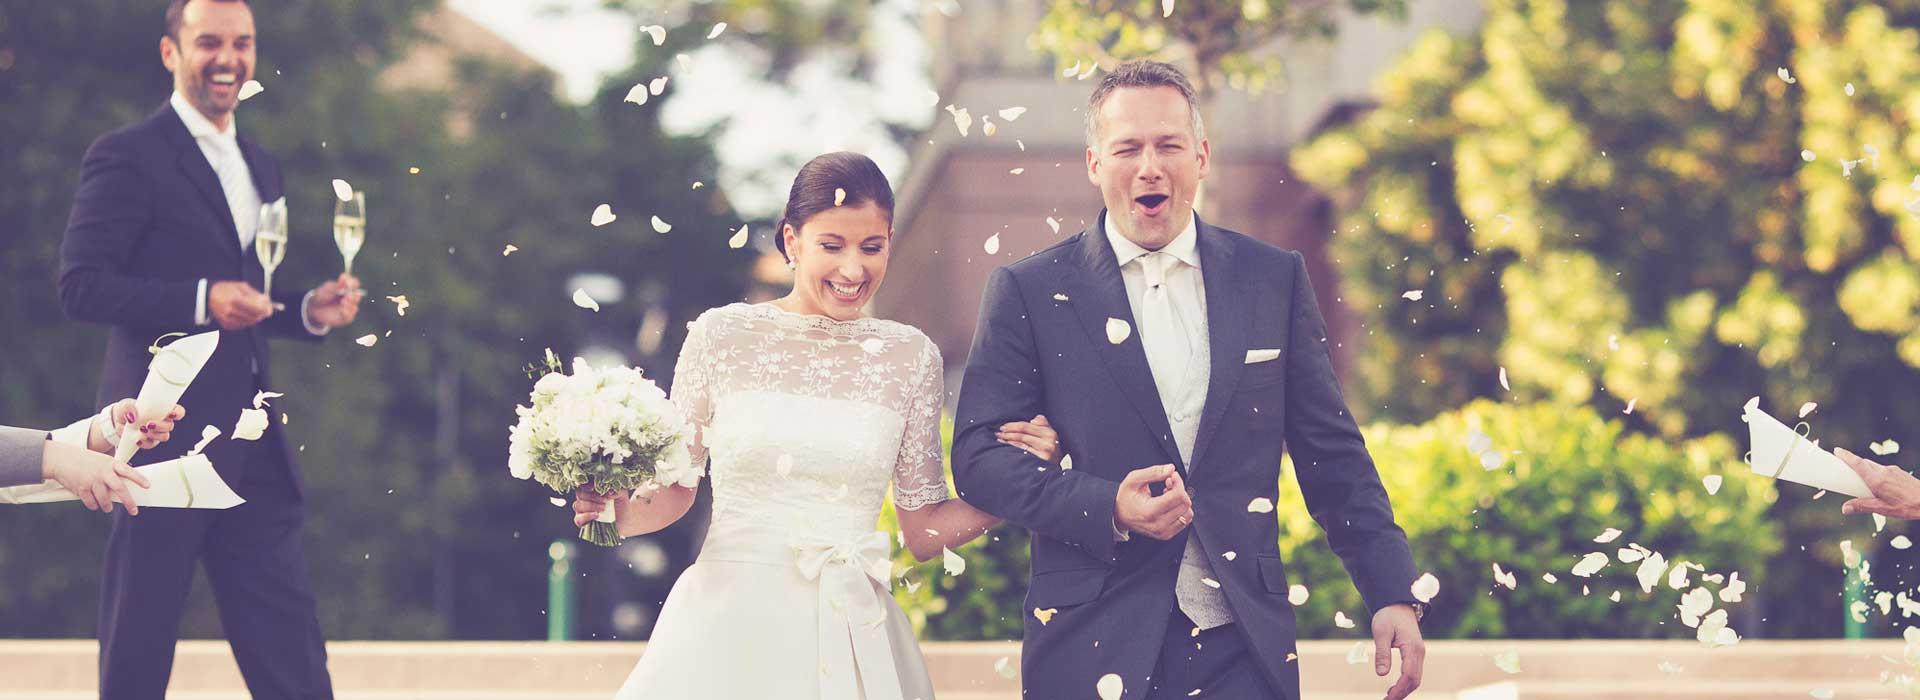 Kreatív esküvői fotók művészi-fotó megszállottaknak!